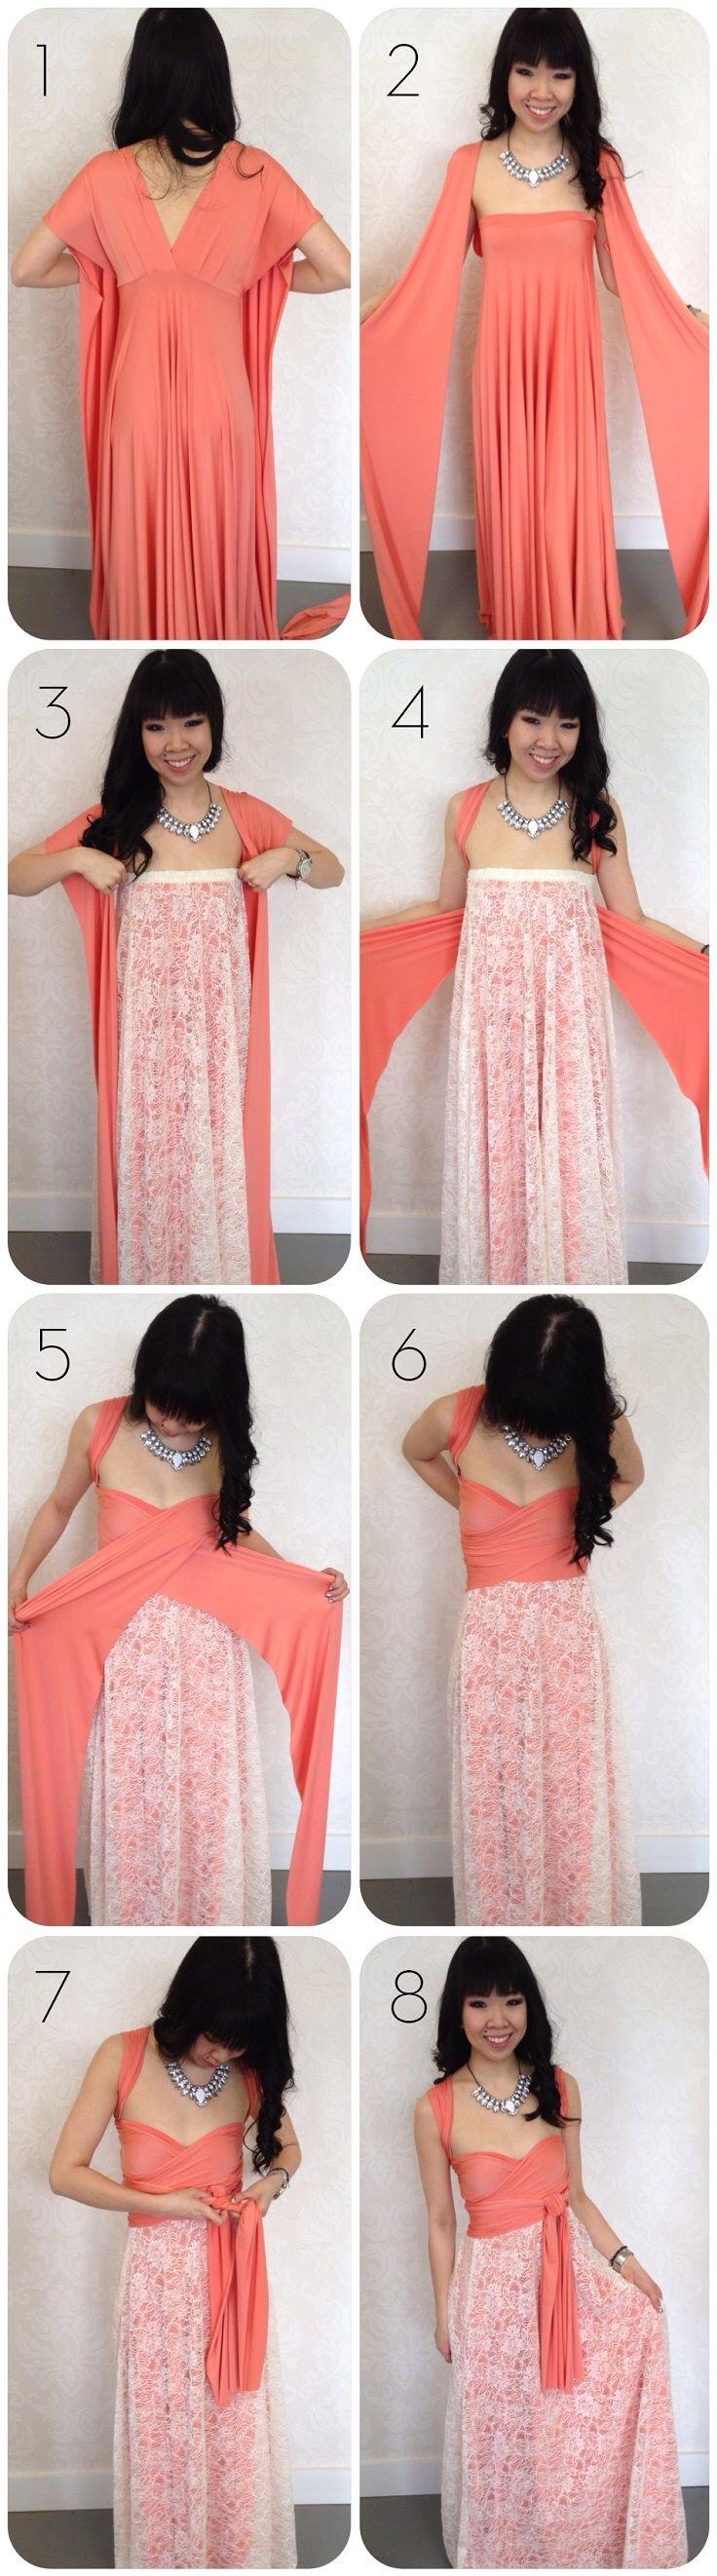 DIY CLOTHING   Vestidos   Pinterest   Costura, Ropa y Vestiditos